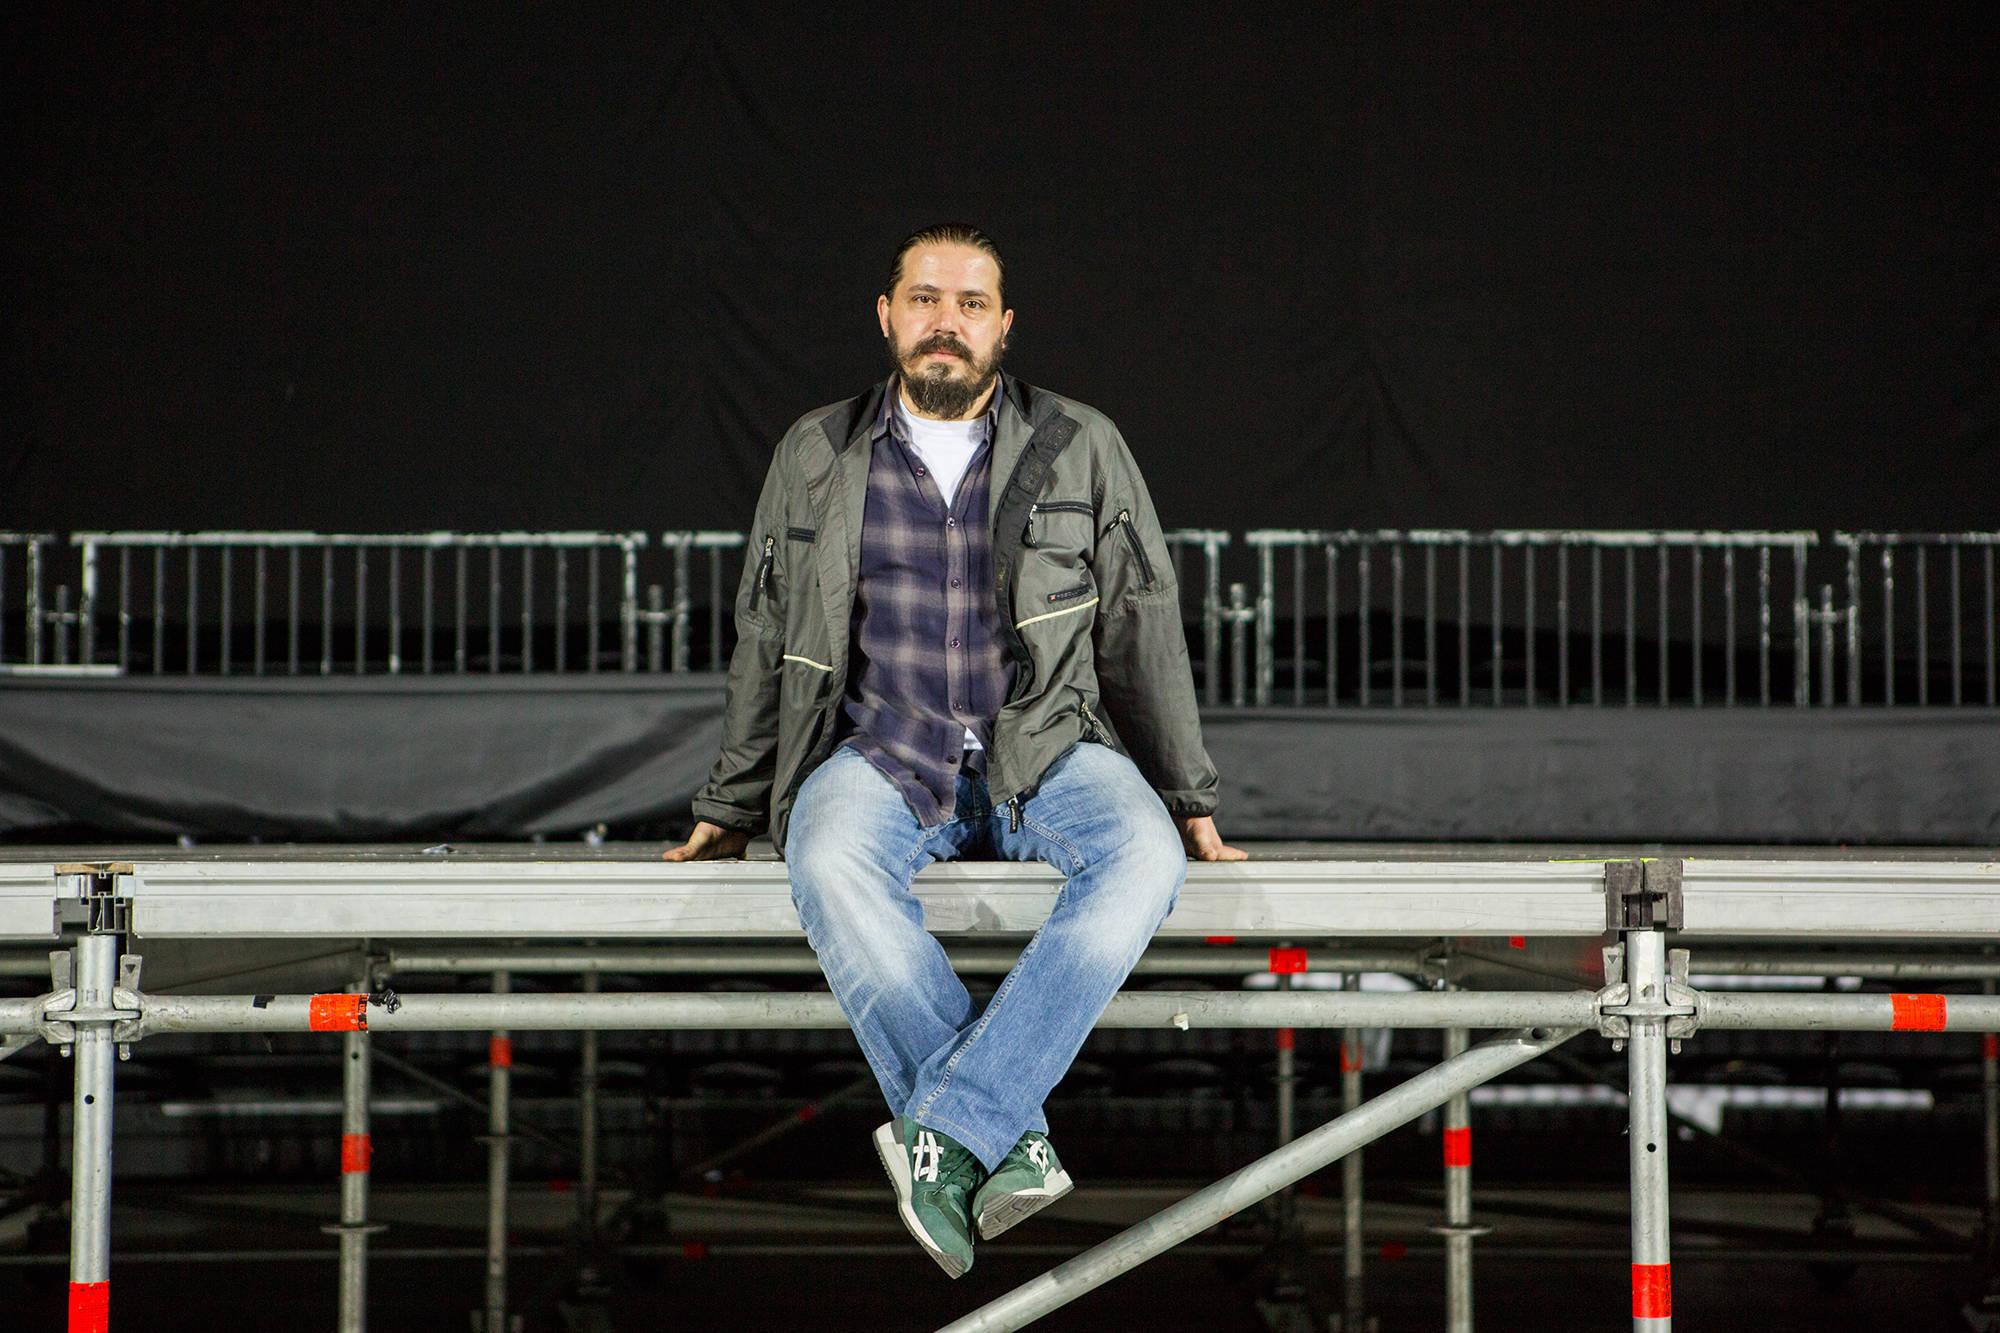 Alper Kanışkan / Teknik prodüksiyon sorumlusu, Volkswagen Arena